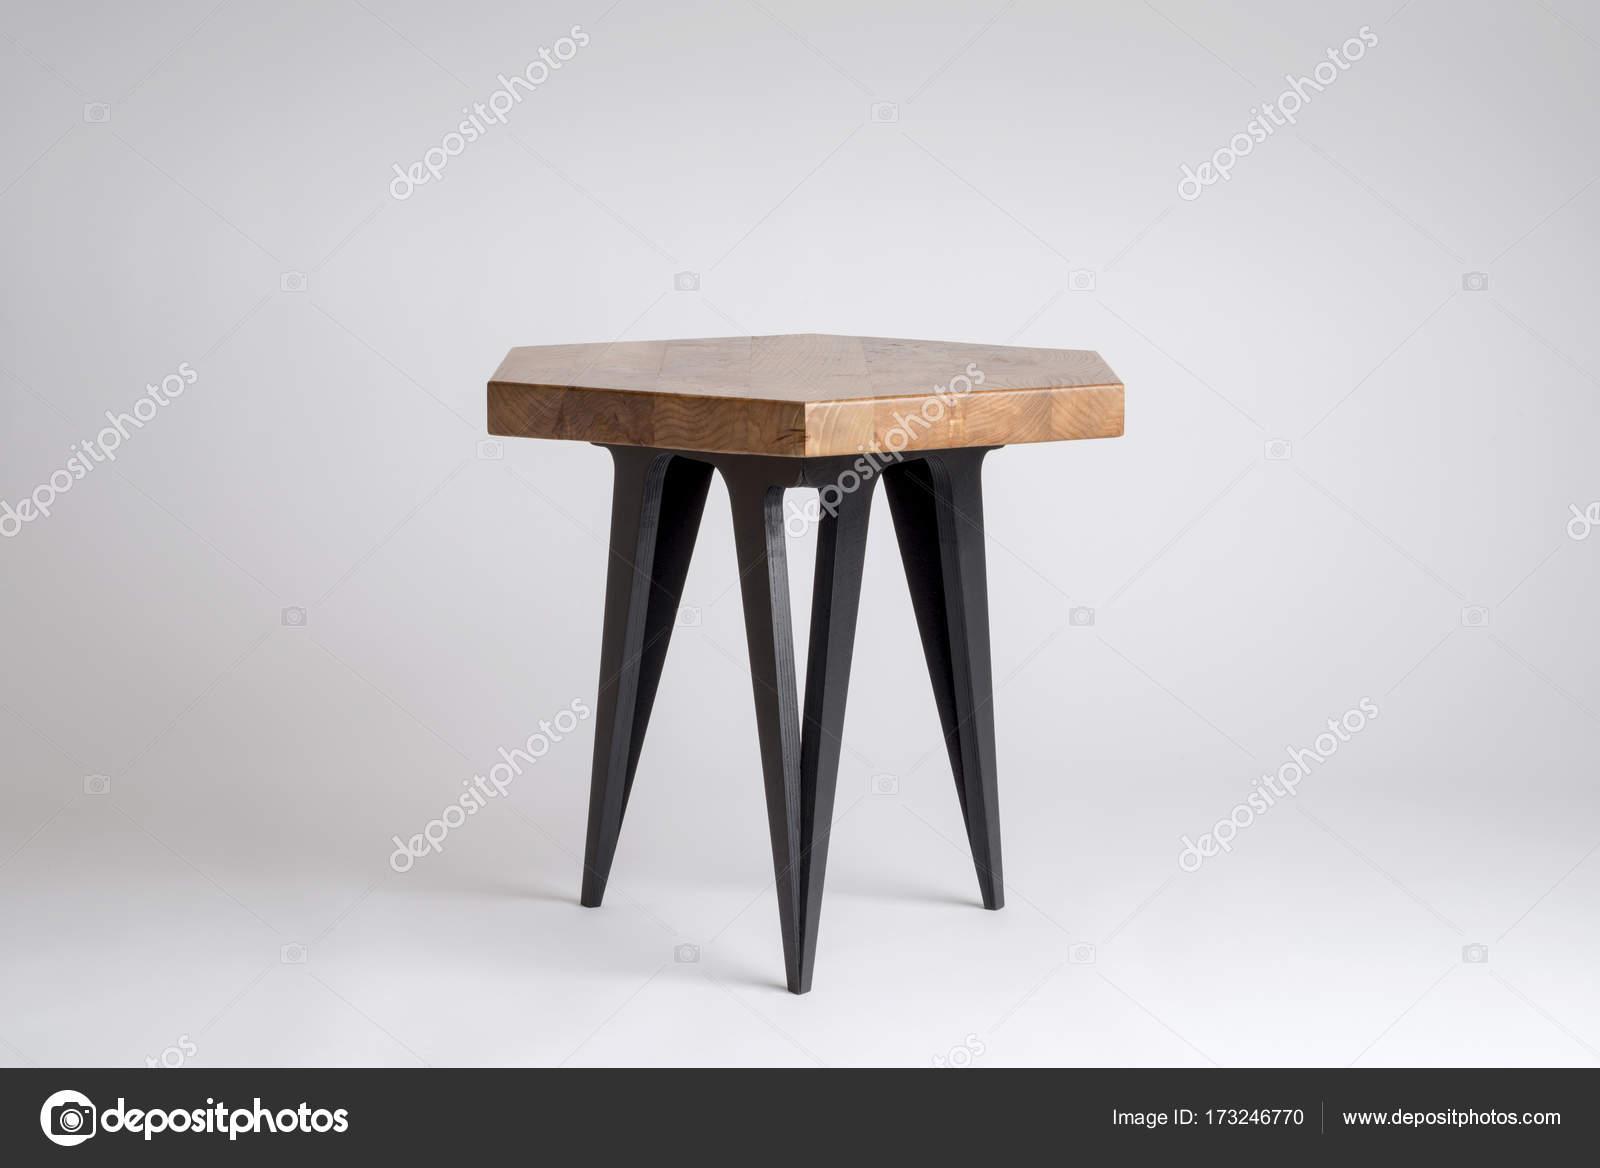 Sgabello moderno in legno con gambe esagonale superiore e nere